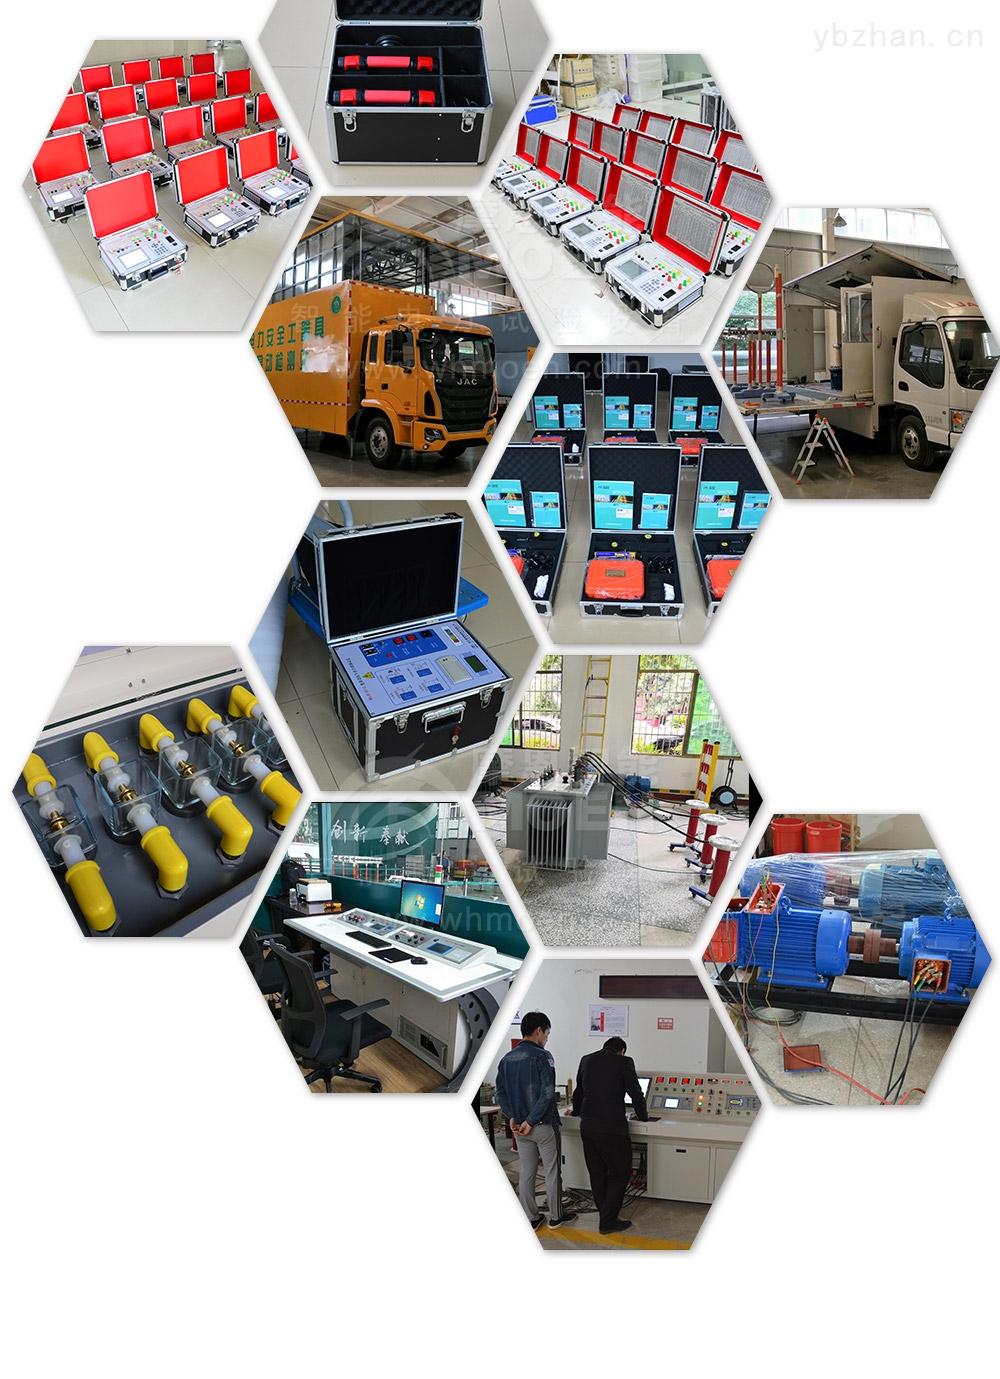 用电检查仪生产车间